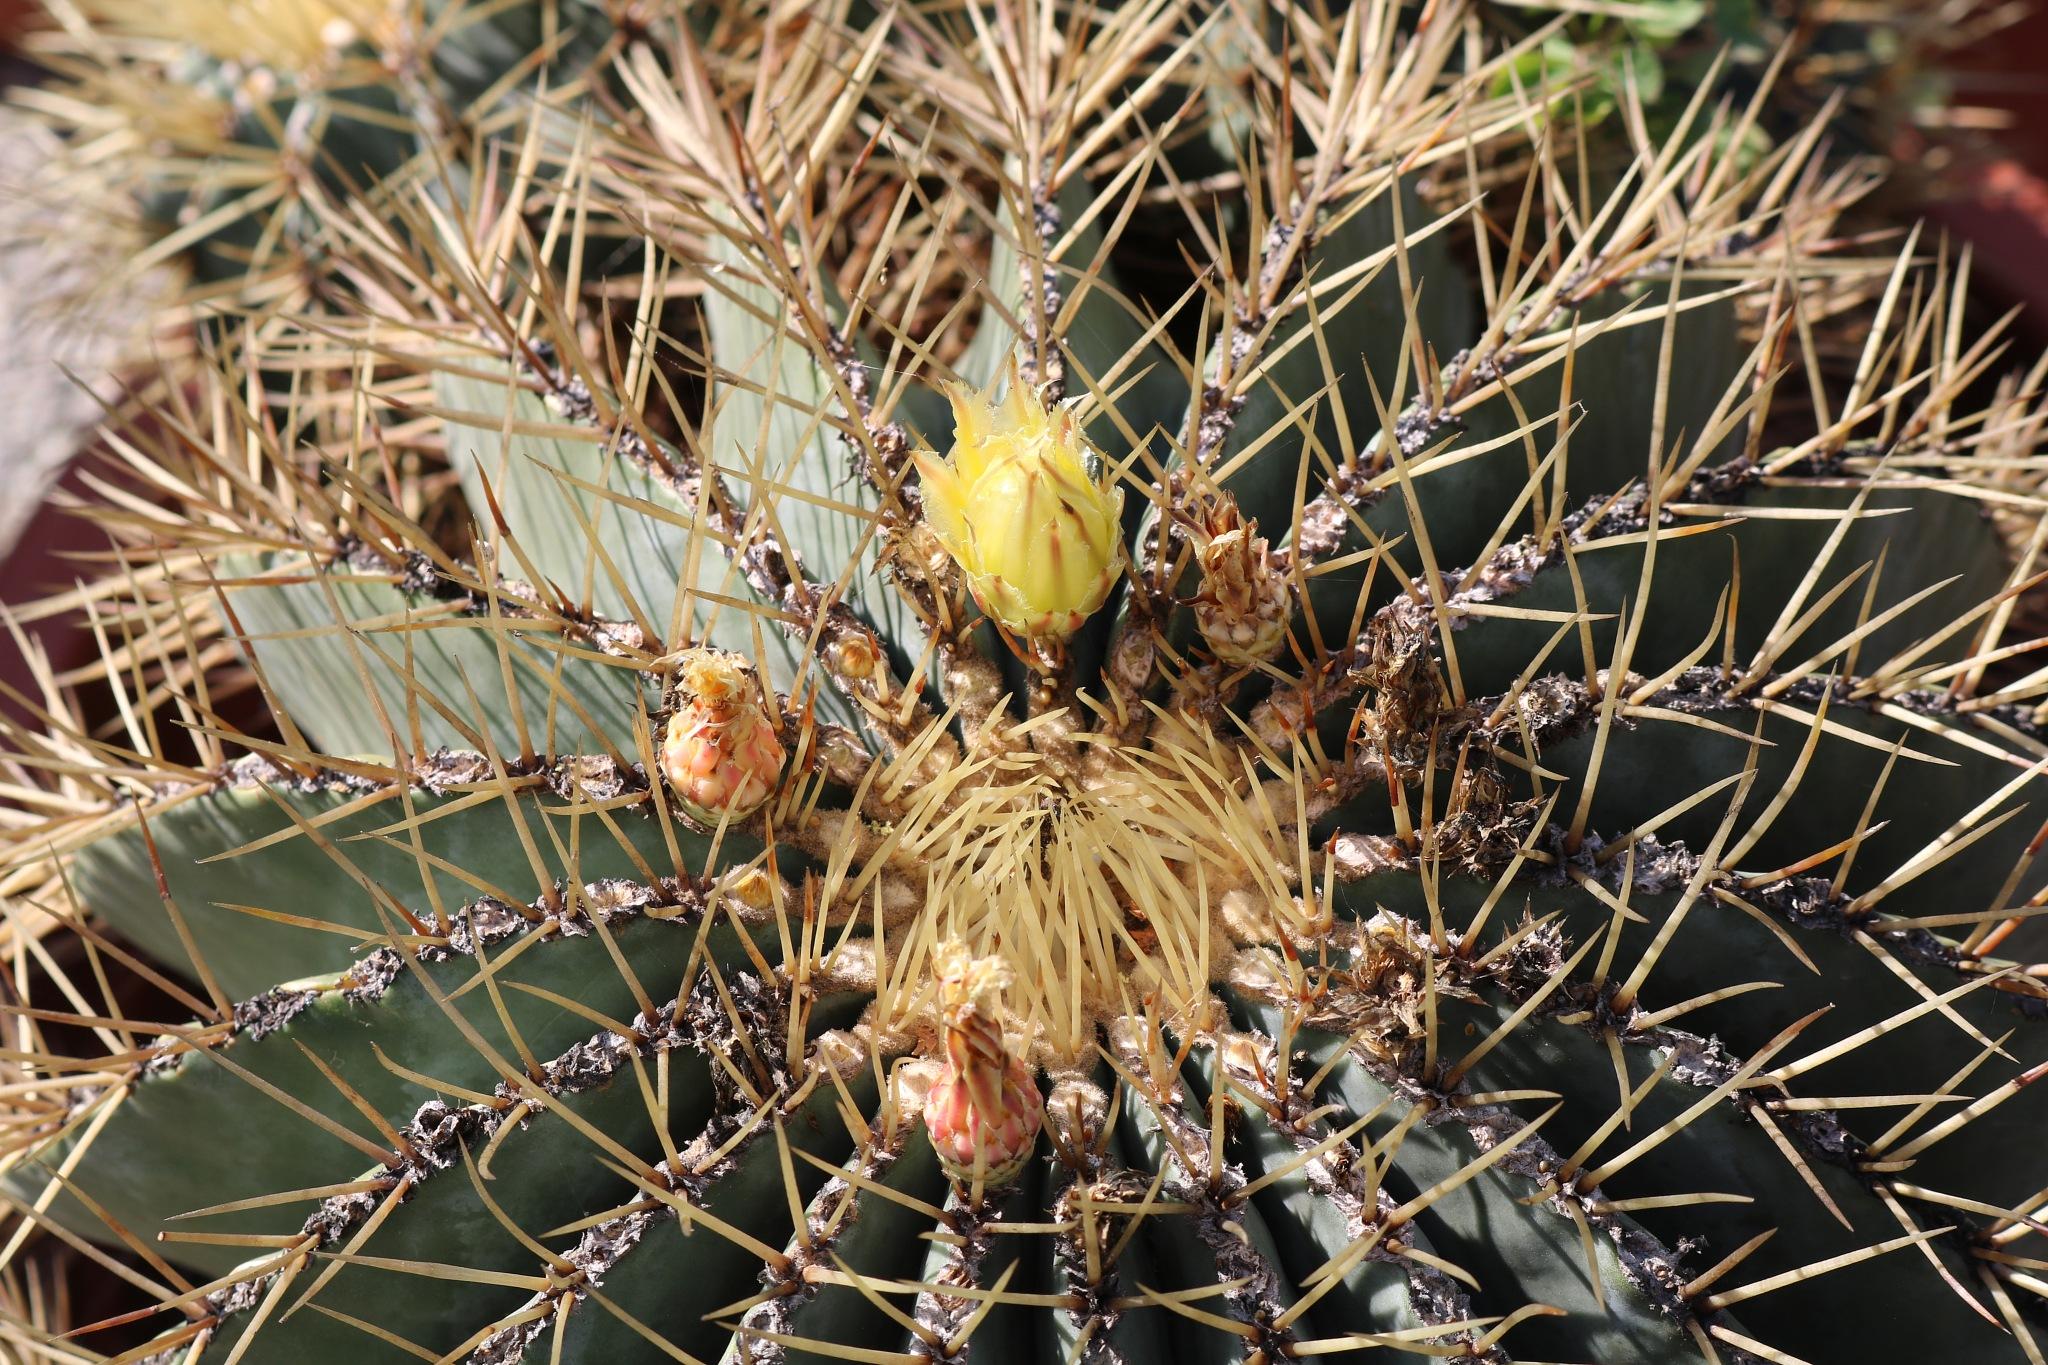 kaktus by zvnktomasevic